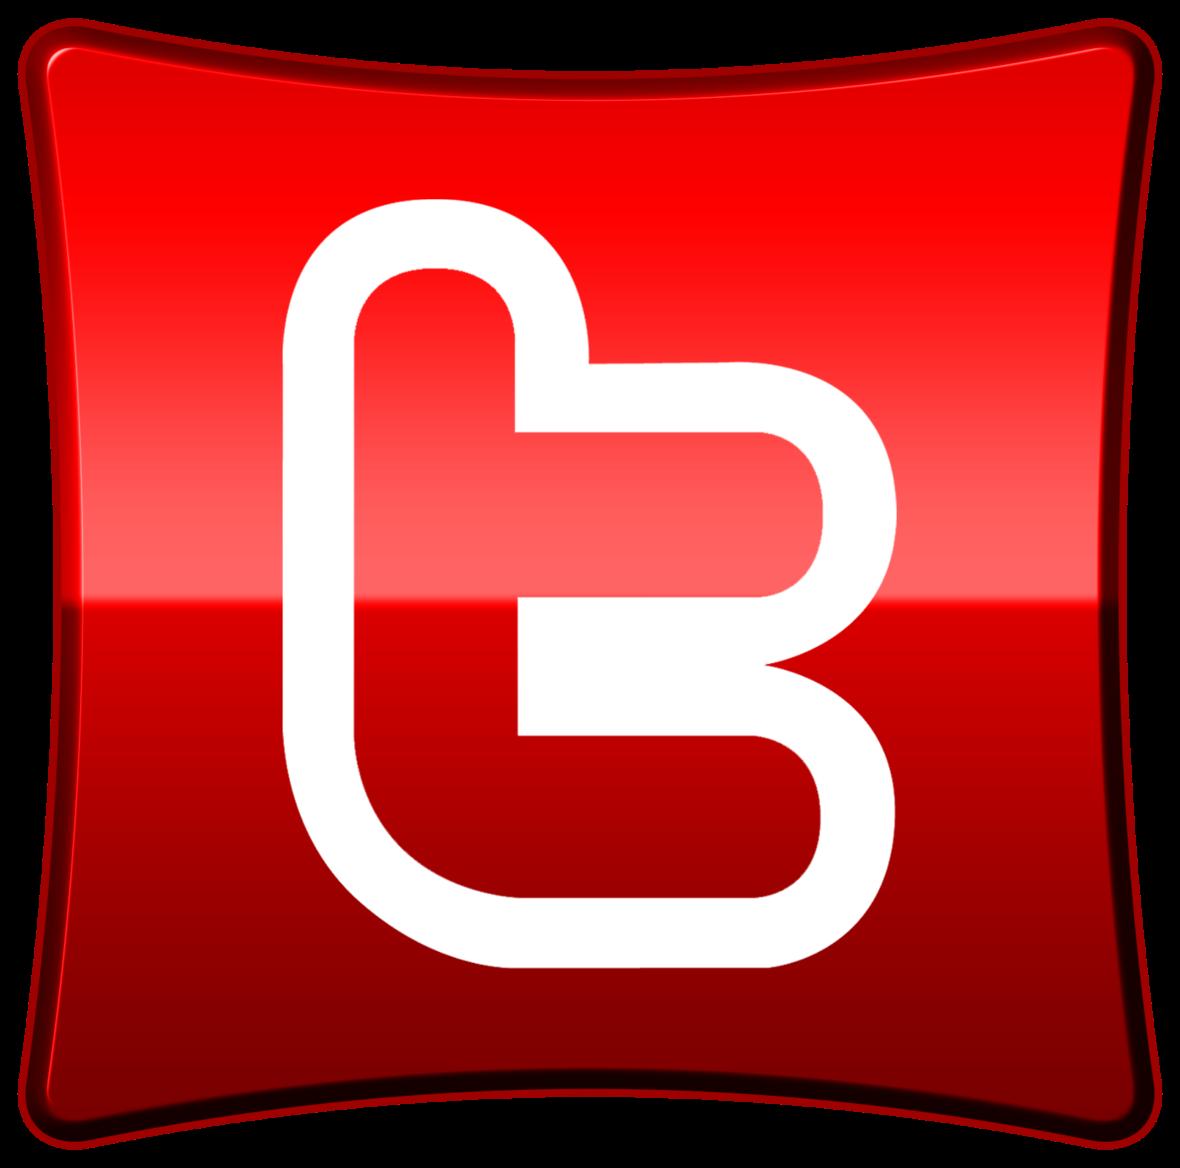 RedTwitterButton